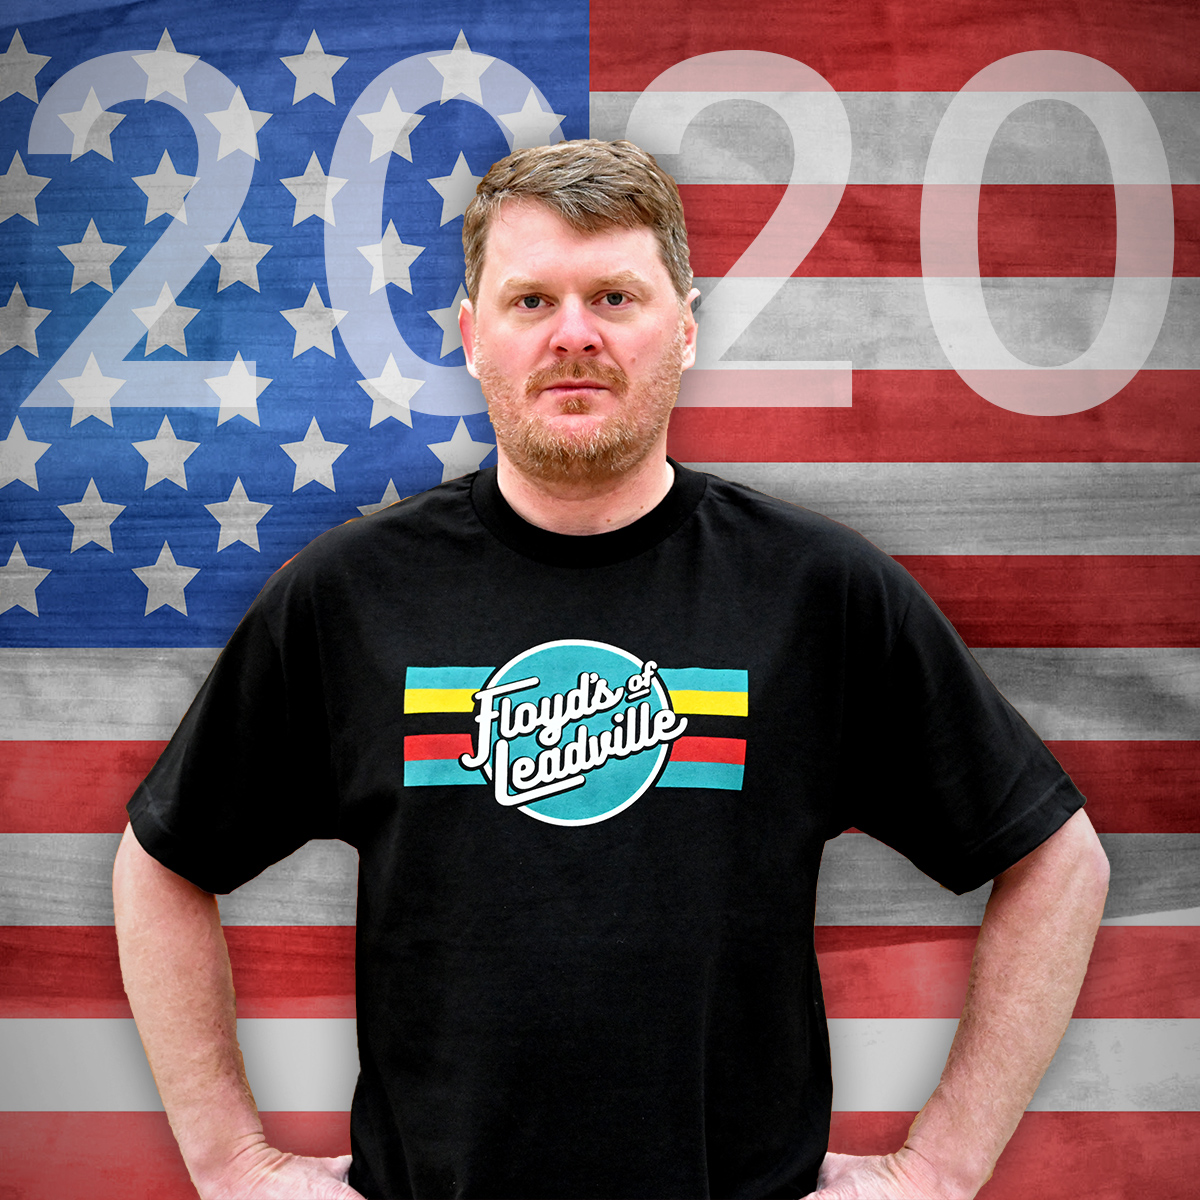 Vote Landis-Zabriskie 2020.